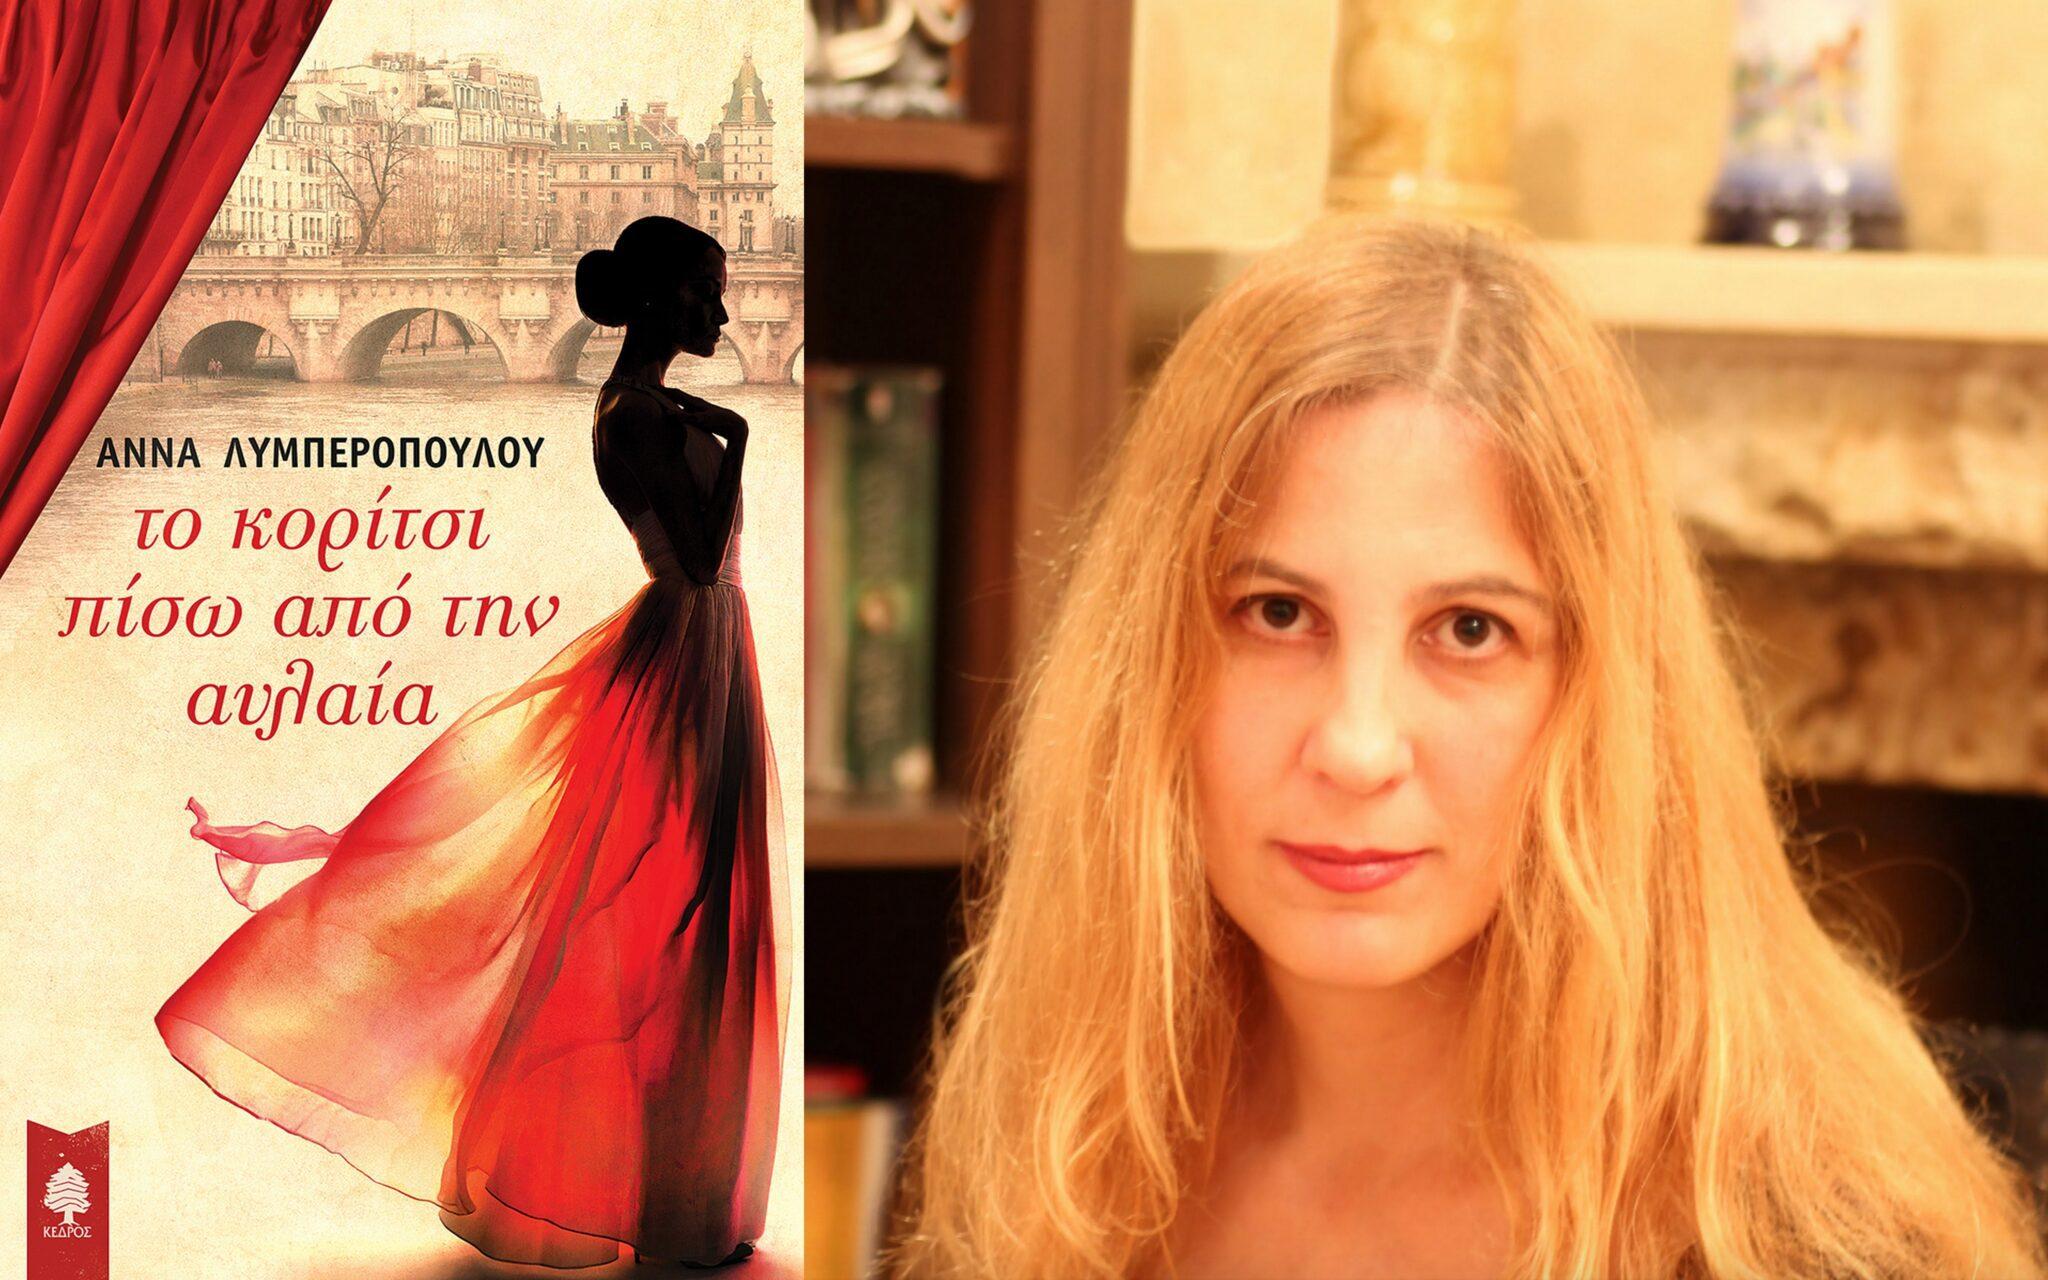 """Βιβλίο: """"το κορίτσι πίσω από την αυλαία"""" - Συγγραφέας: Λυμπεροπούλου Άννα"""